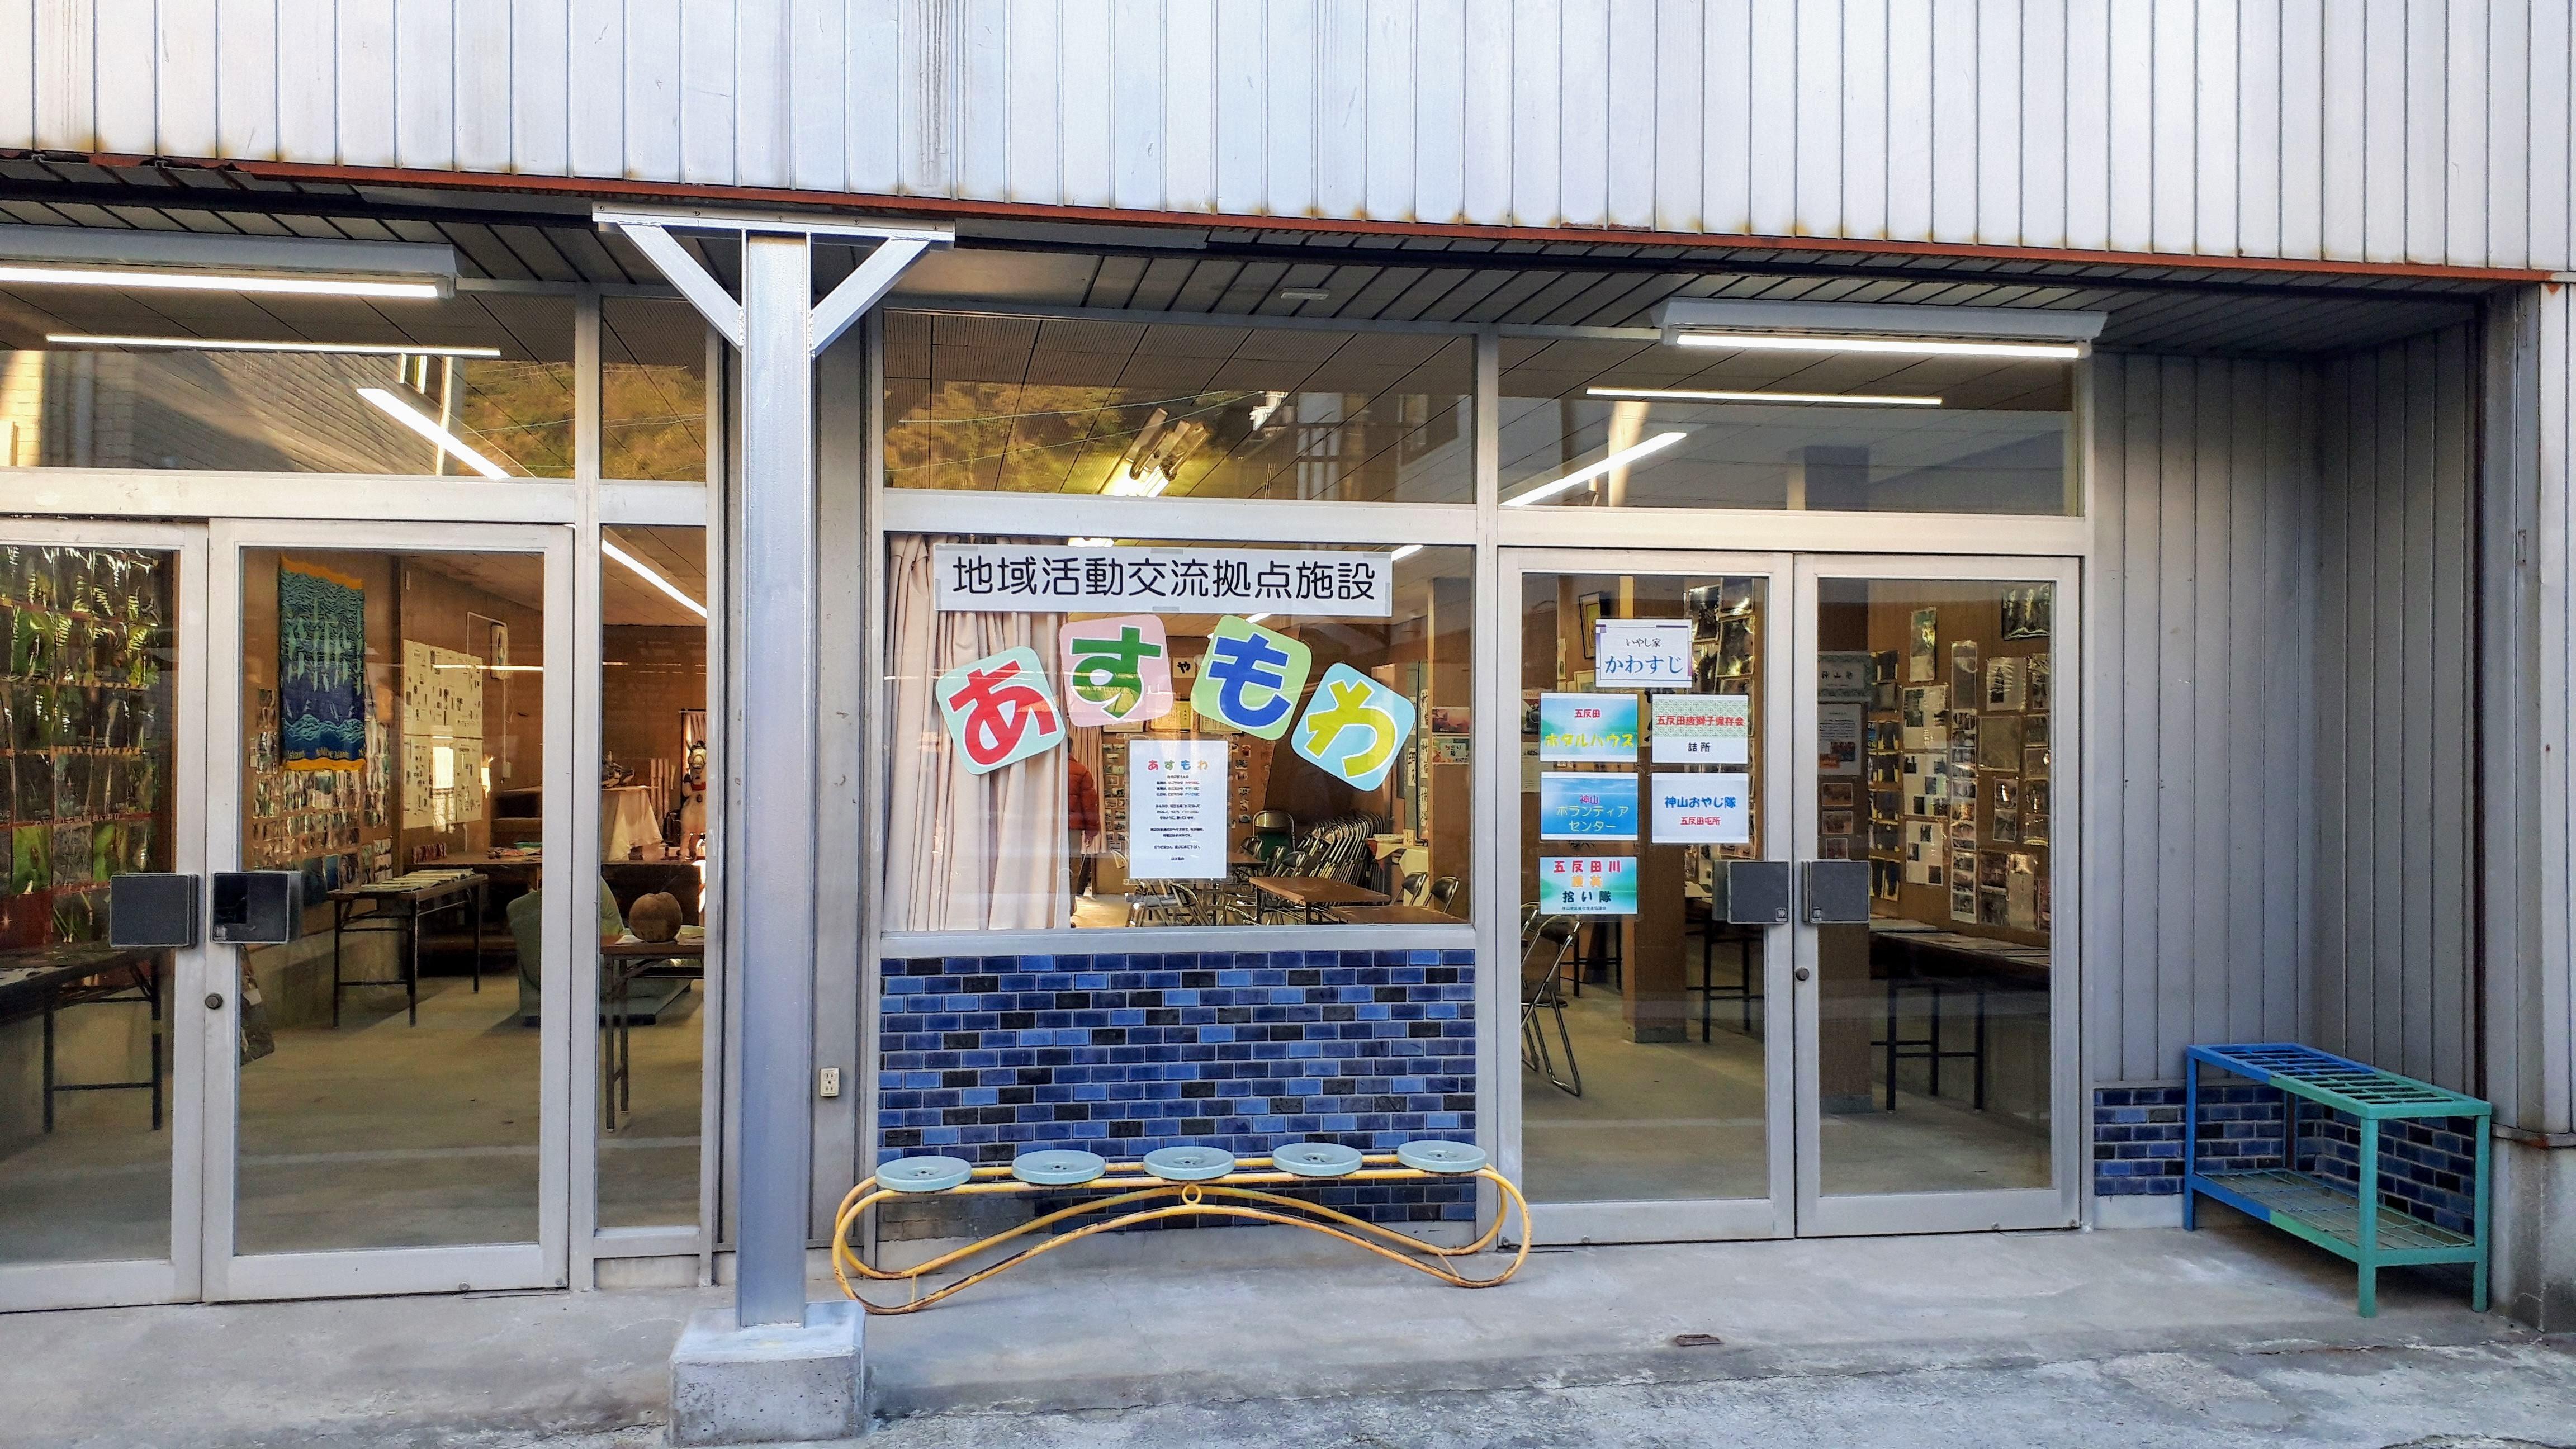 空き家を再利用!八幡浜市五反田地区にオープンした地域活動交流拠点施設「あすもわ」を見学してきた!